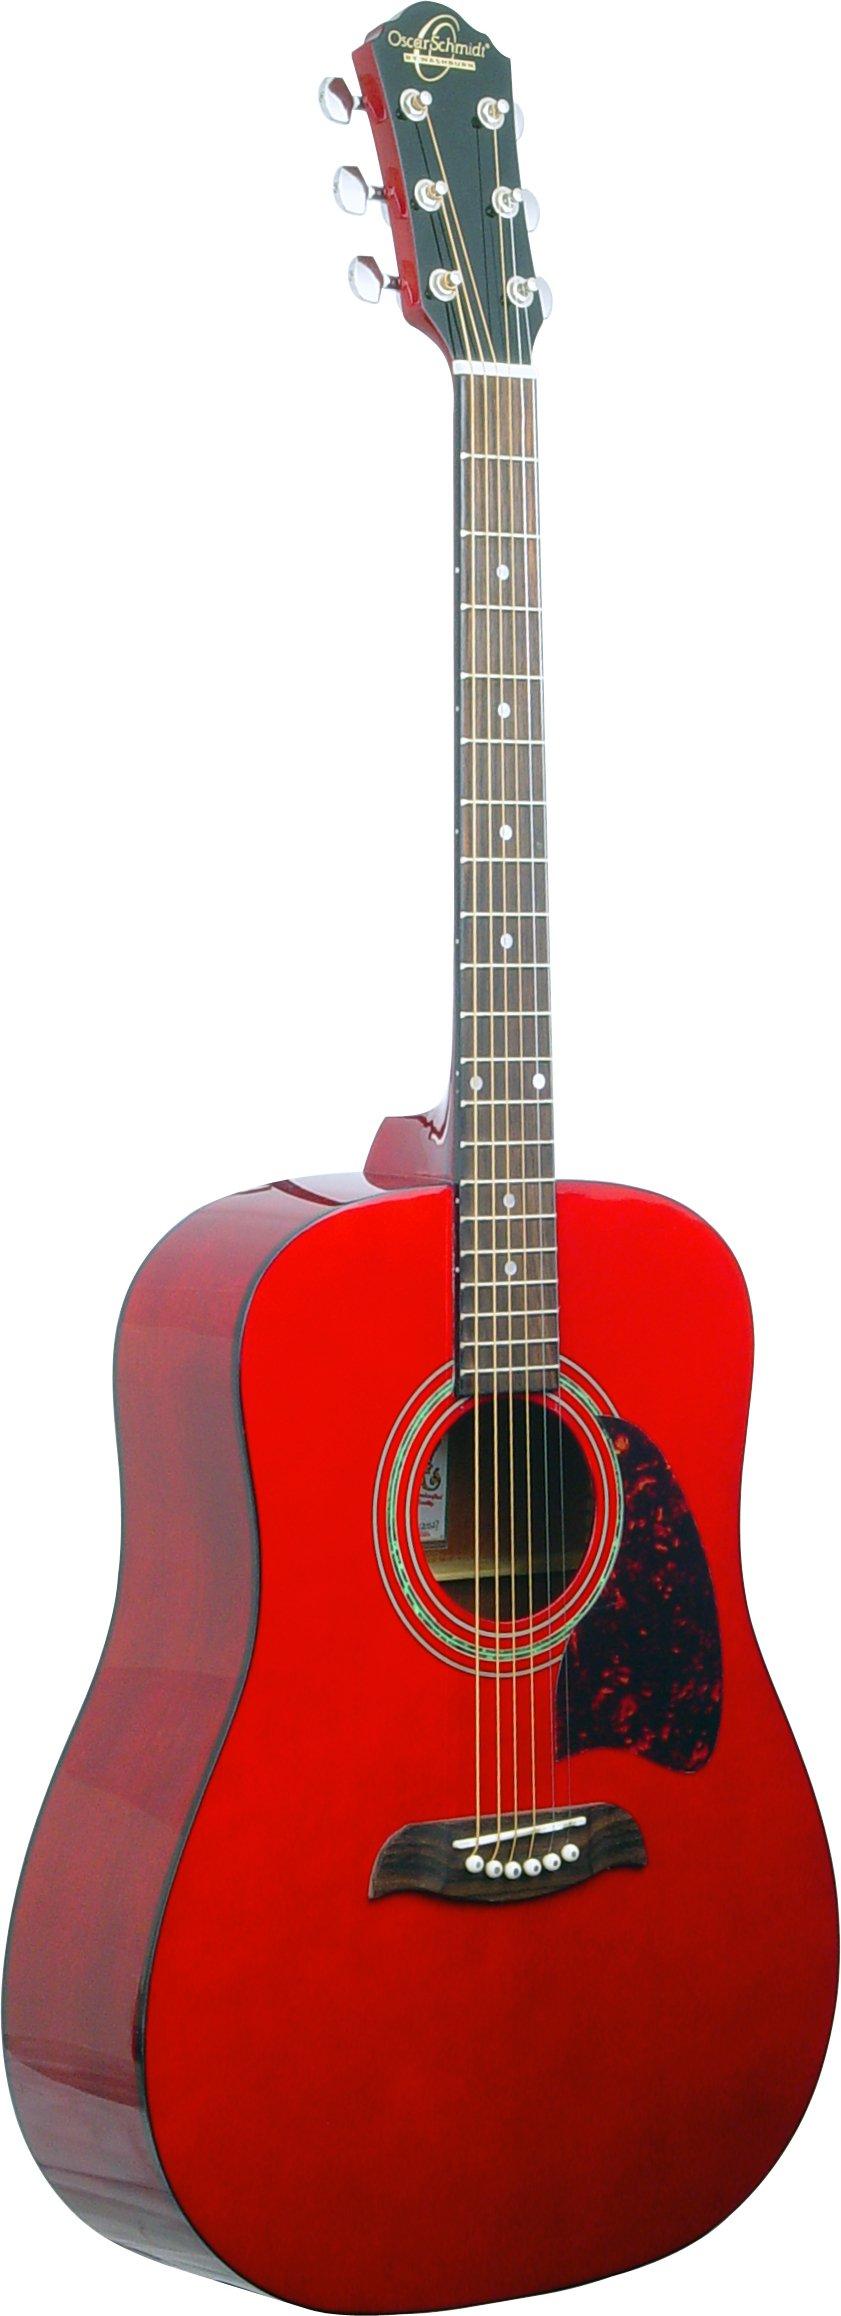 Oscar Schmidt OG2 Dreadnought Acoustic Guitar - Transparent Red